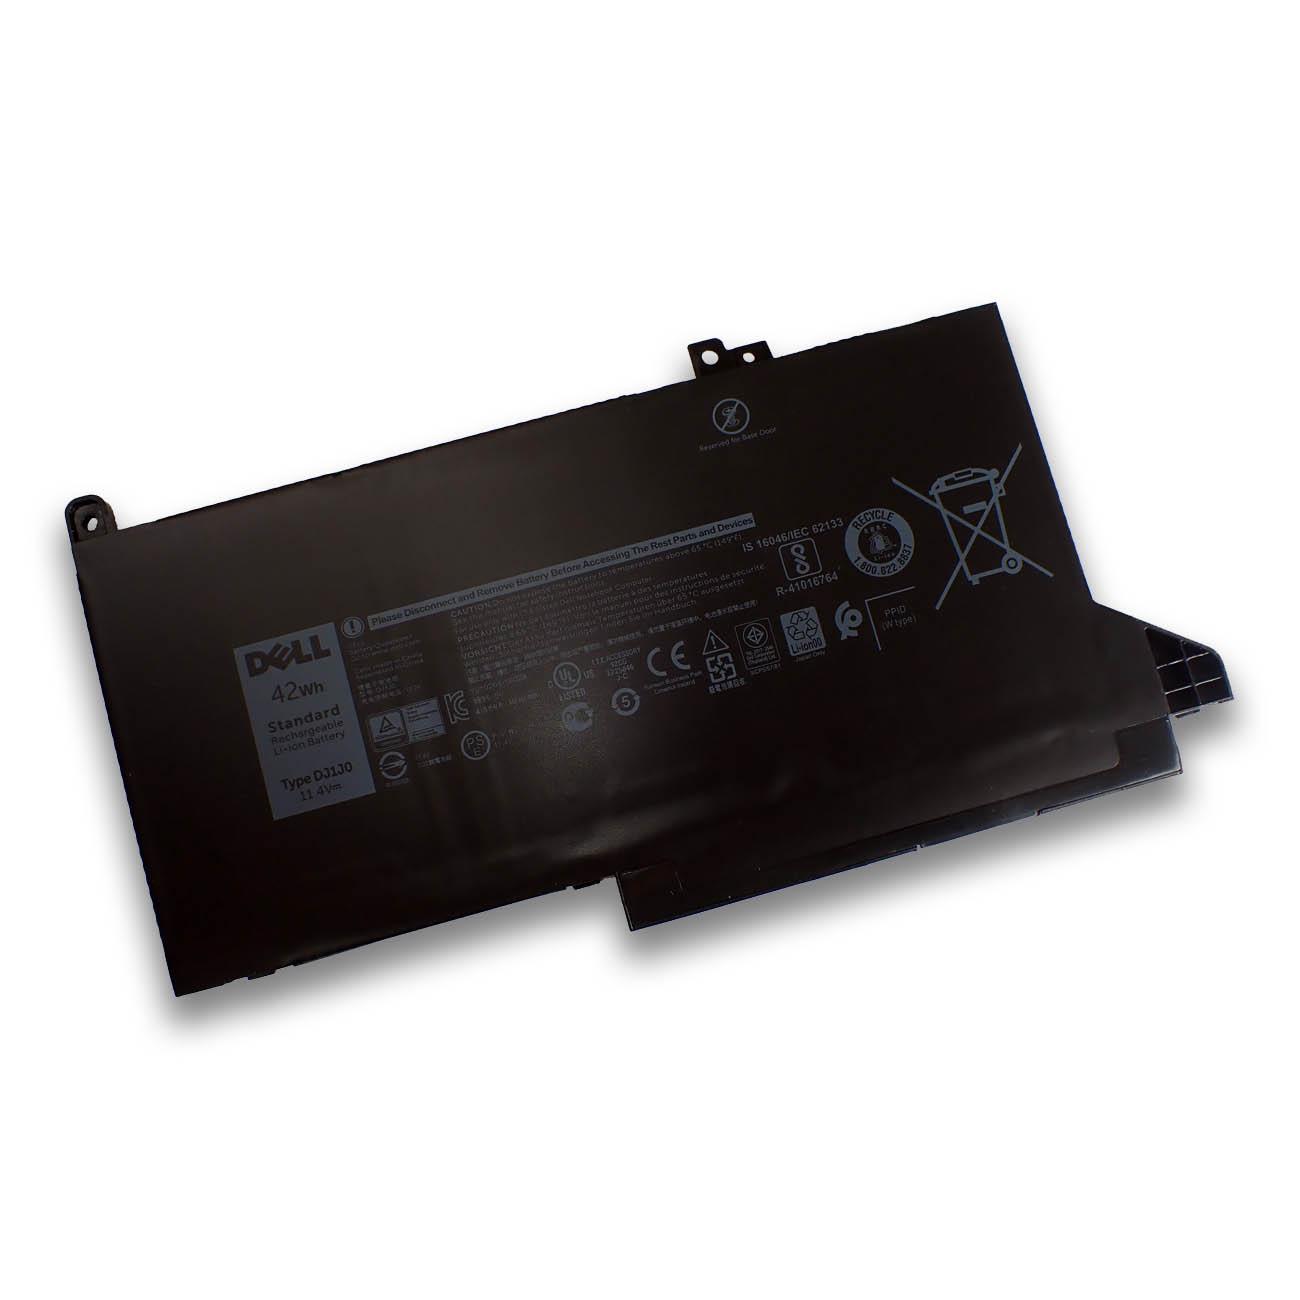 【全国送料無料】Dell デル Latitude 7280 7290 E7280 7380 7390 7480 7490 E7480 メーカー純正オプション 交換用3セルバッテリー PGFX4 ONFOH DJ1J0